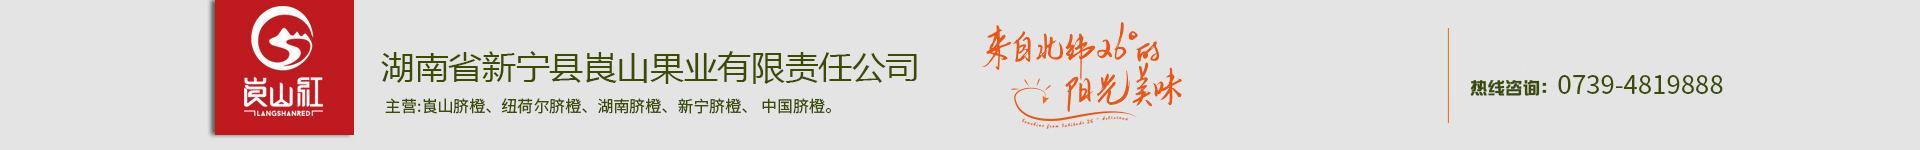 湖南省新宁县崀山果业有限责任公司